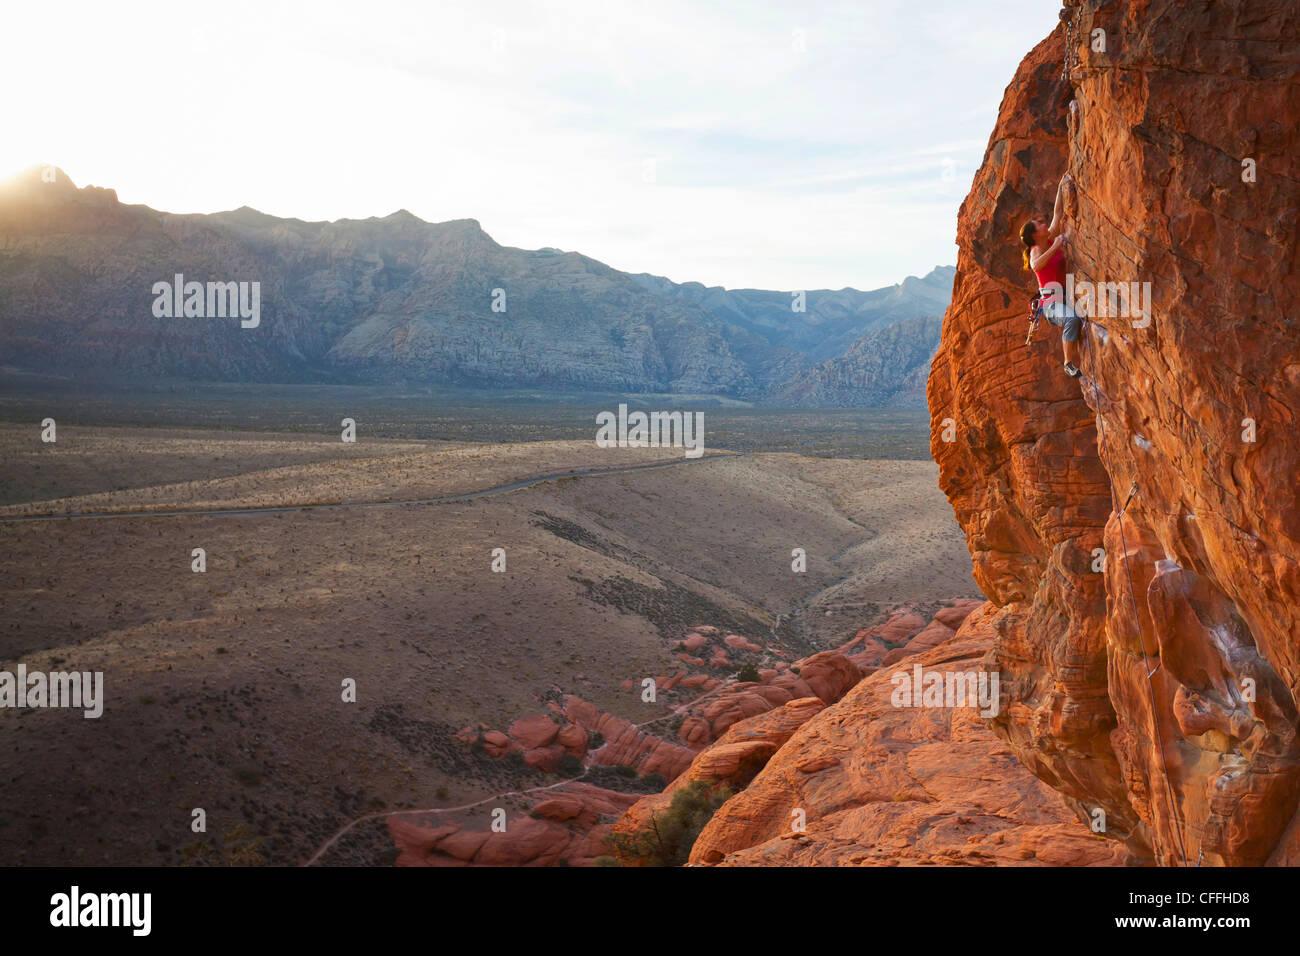 Un rocciatore nelle colline di Calico, il Red Rock Canyon National Conservation Area, Nevada, Stati Uniti d'America. Immagini Stock